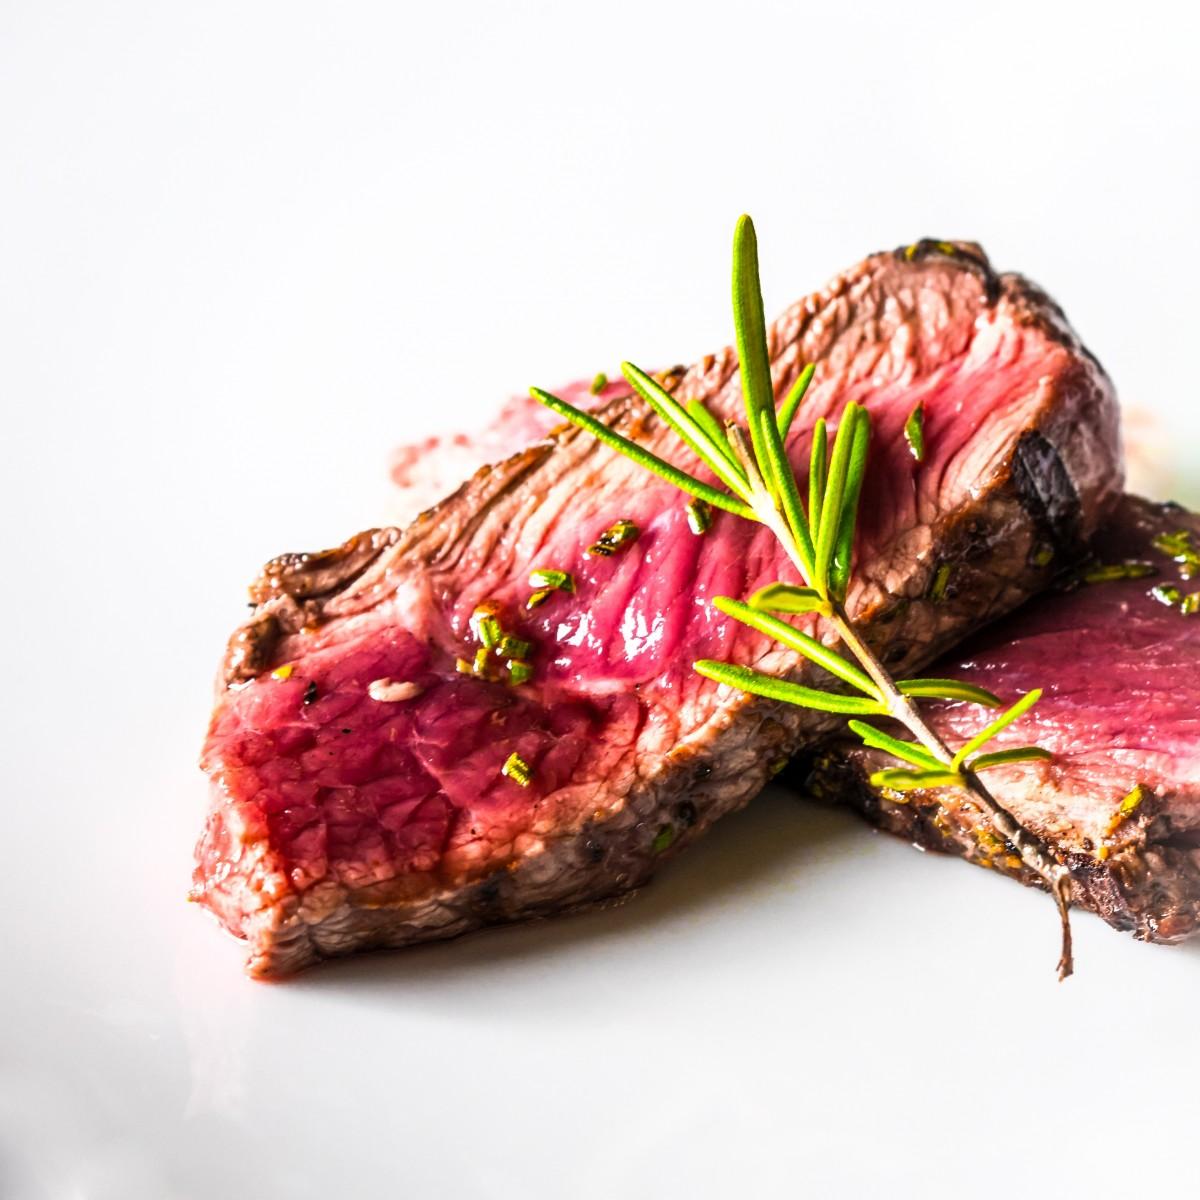 Roast beef - Soffio di Grano e Curiosità - Luglio 2019